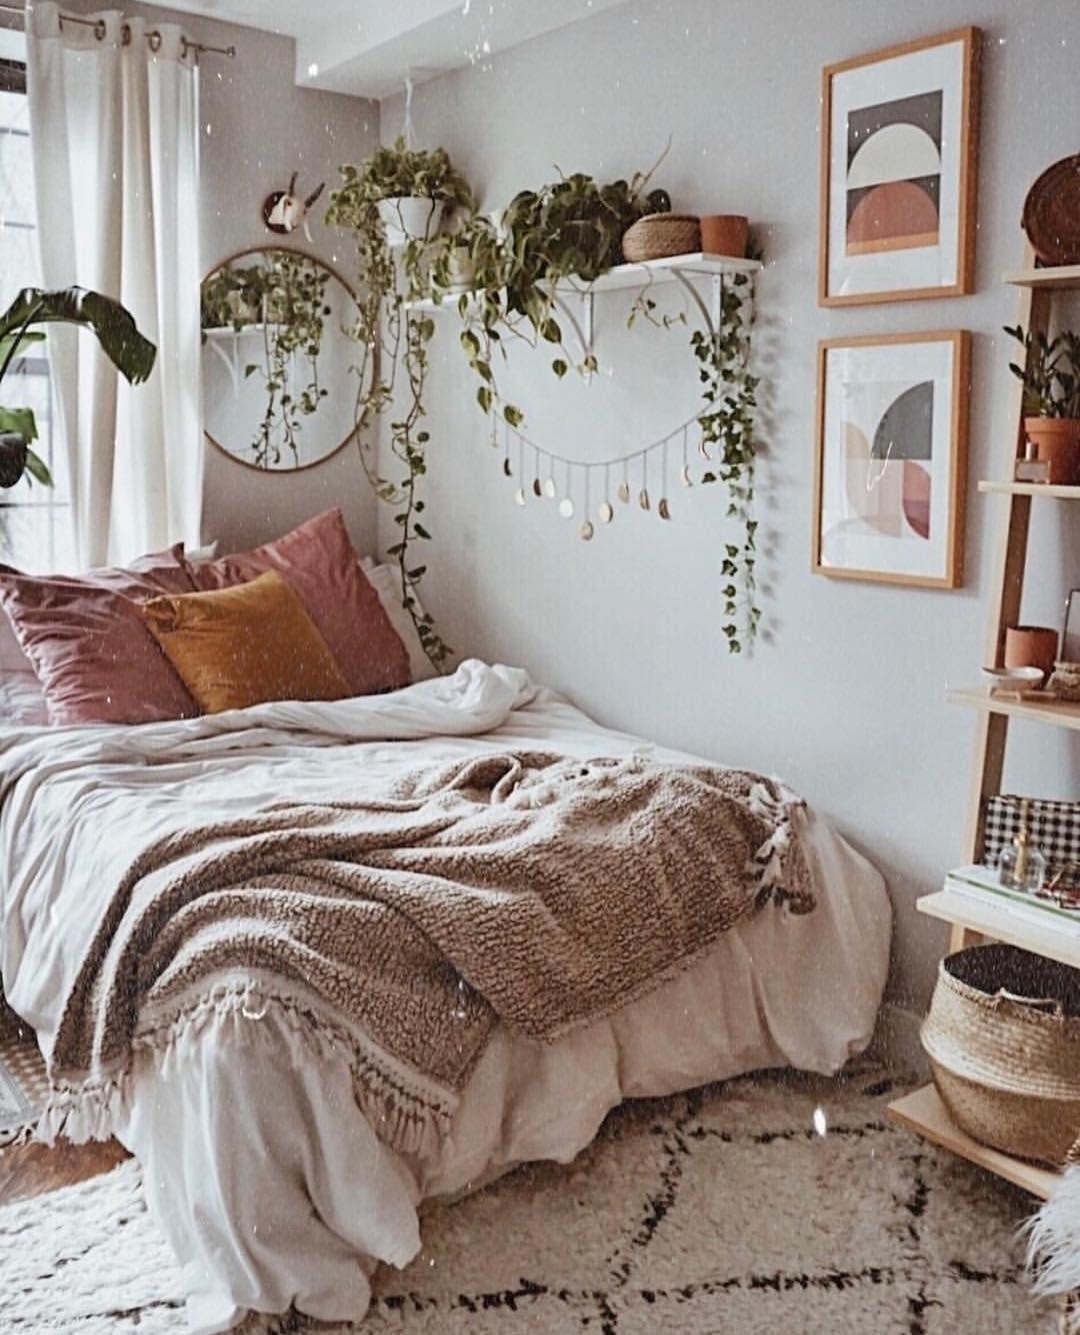 Bright, relaxing bedroom